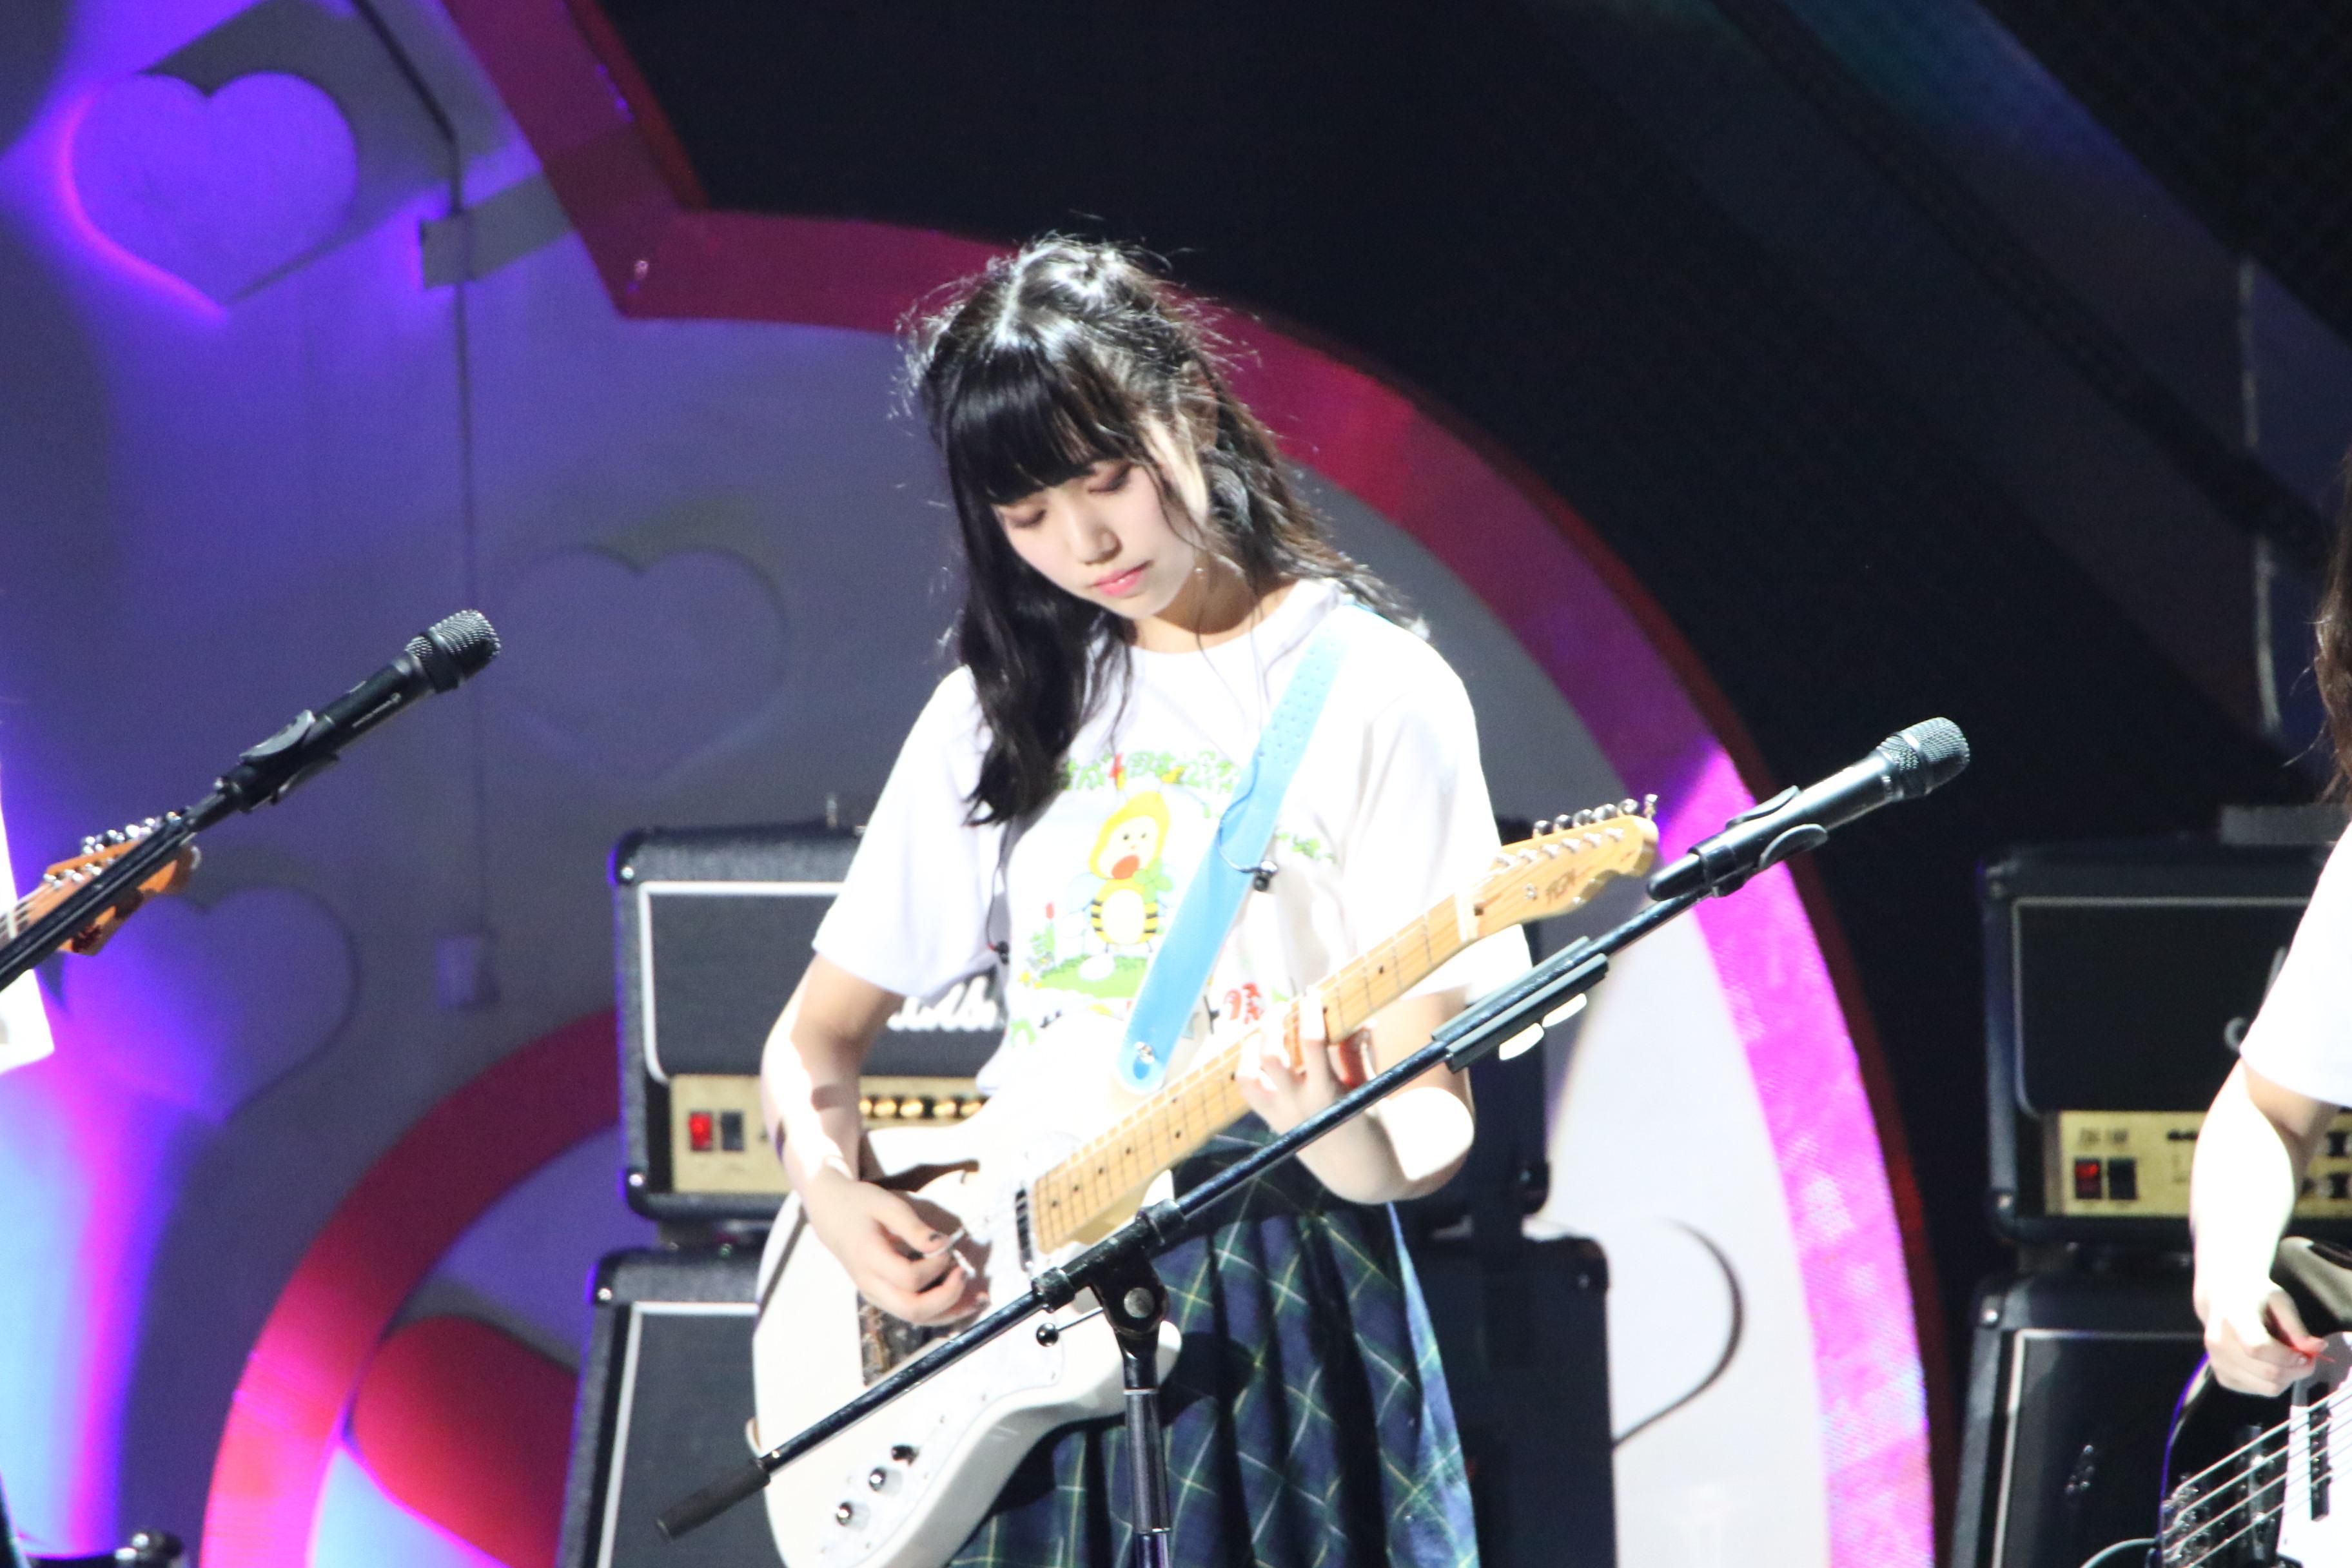 「チーム8結成4周年記念祭 in 日本ガイシホール」で「エイトルズ」でギターを披露する長久玲奈(2018年4月)